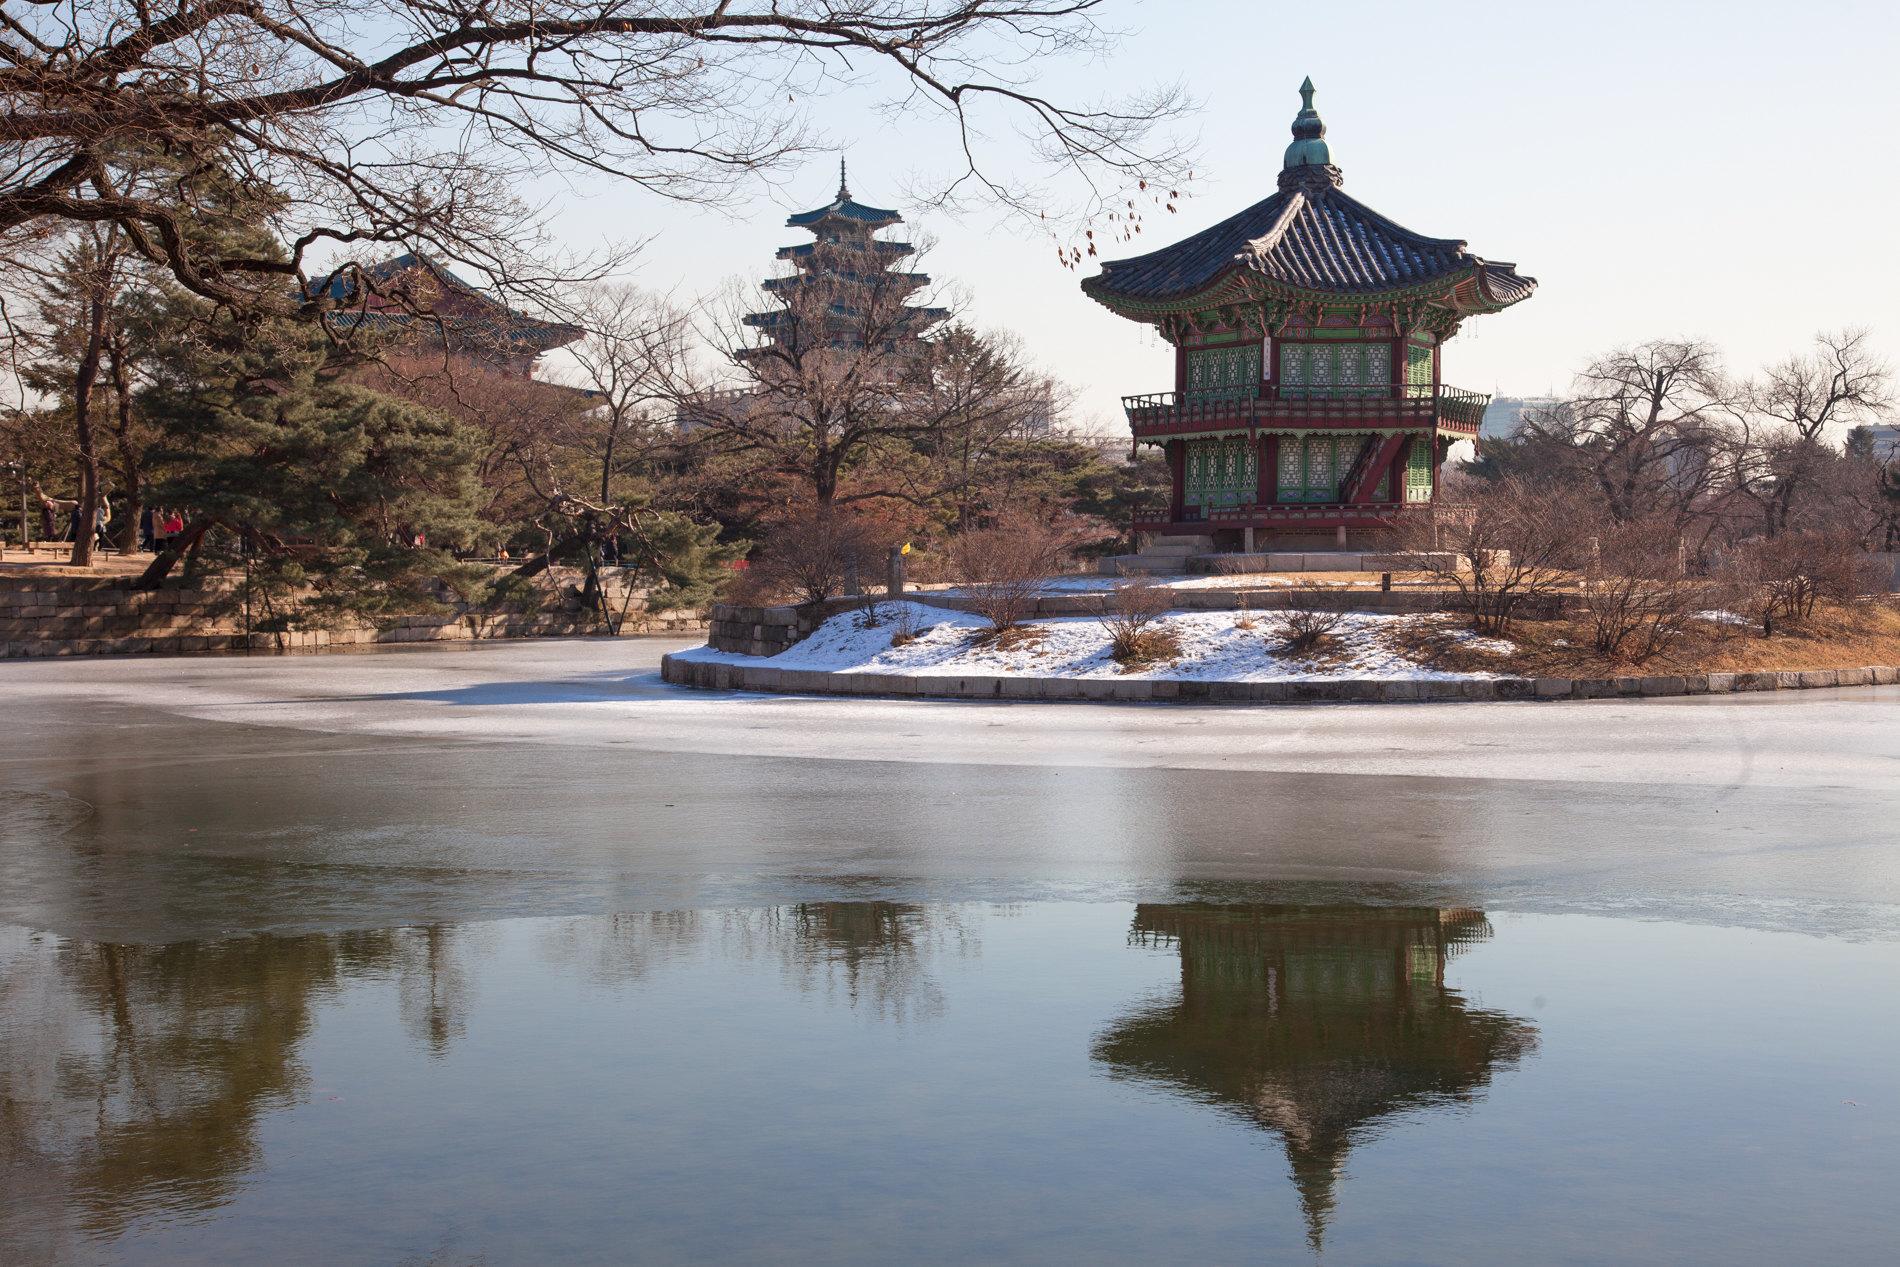 韩国济州岛+首尔5日4晚跟团游(4钻)·上海名 牌/纯玩/韩旅局优 秀 产品旅行首 选